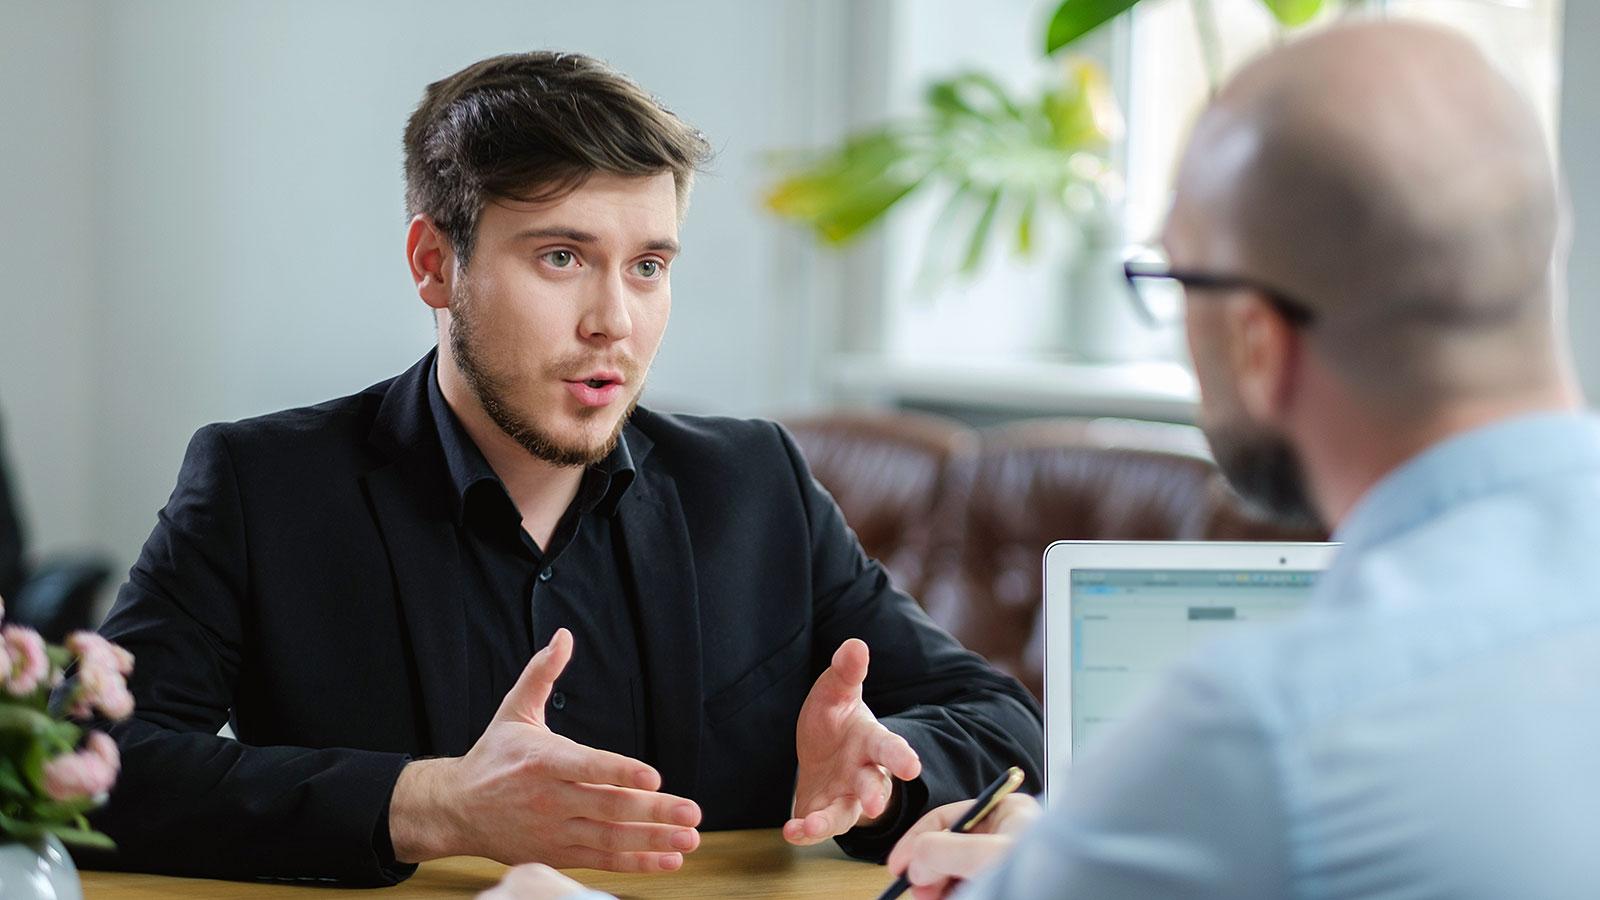 مصاحبه موفق